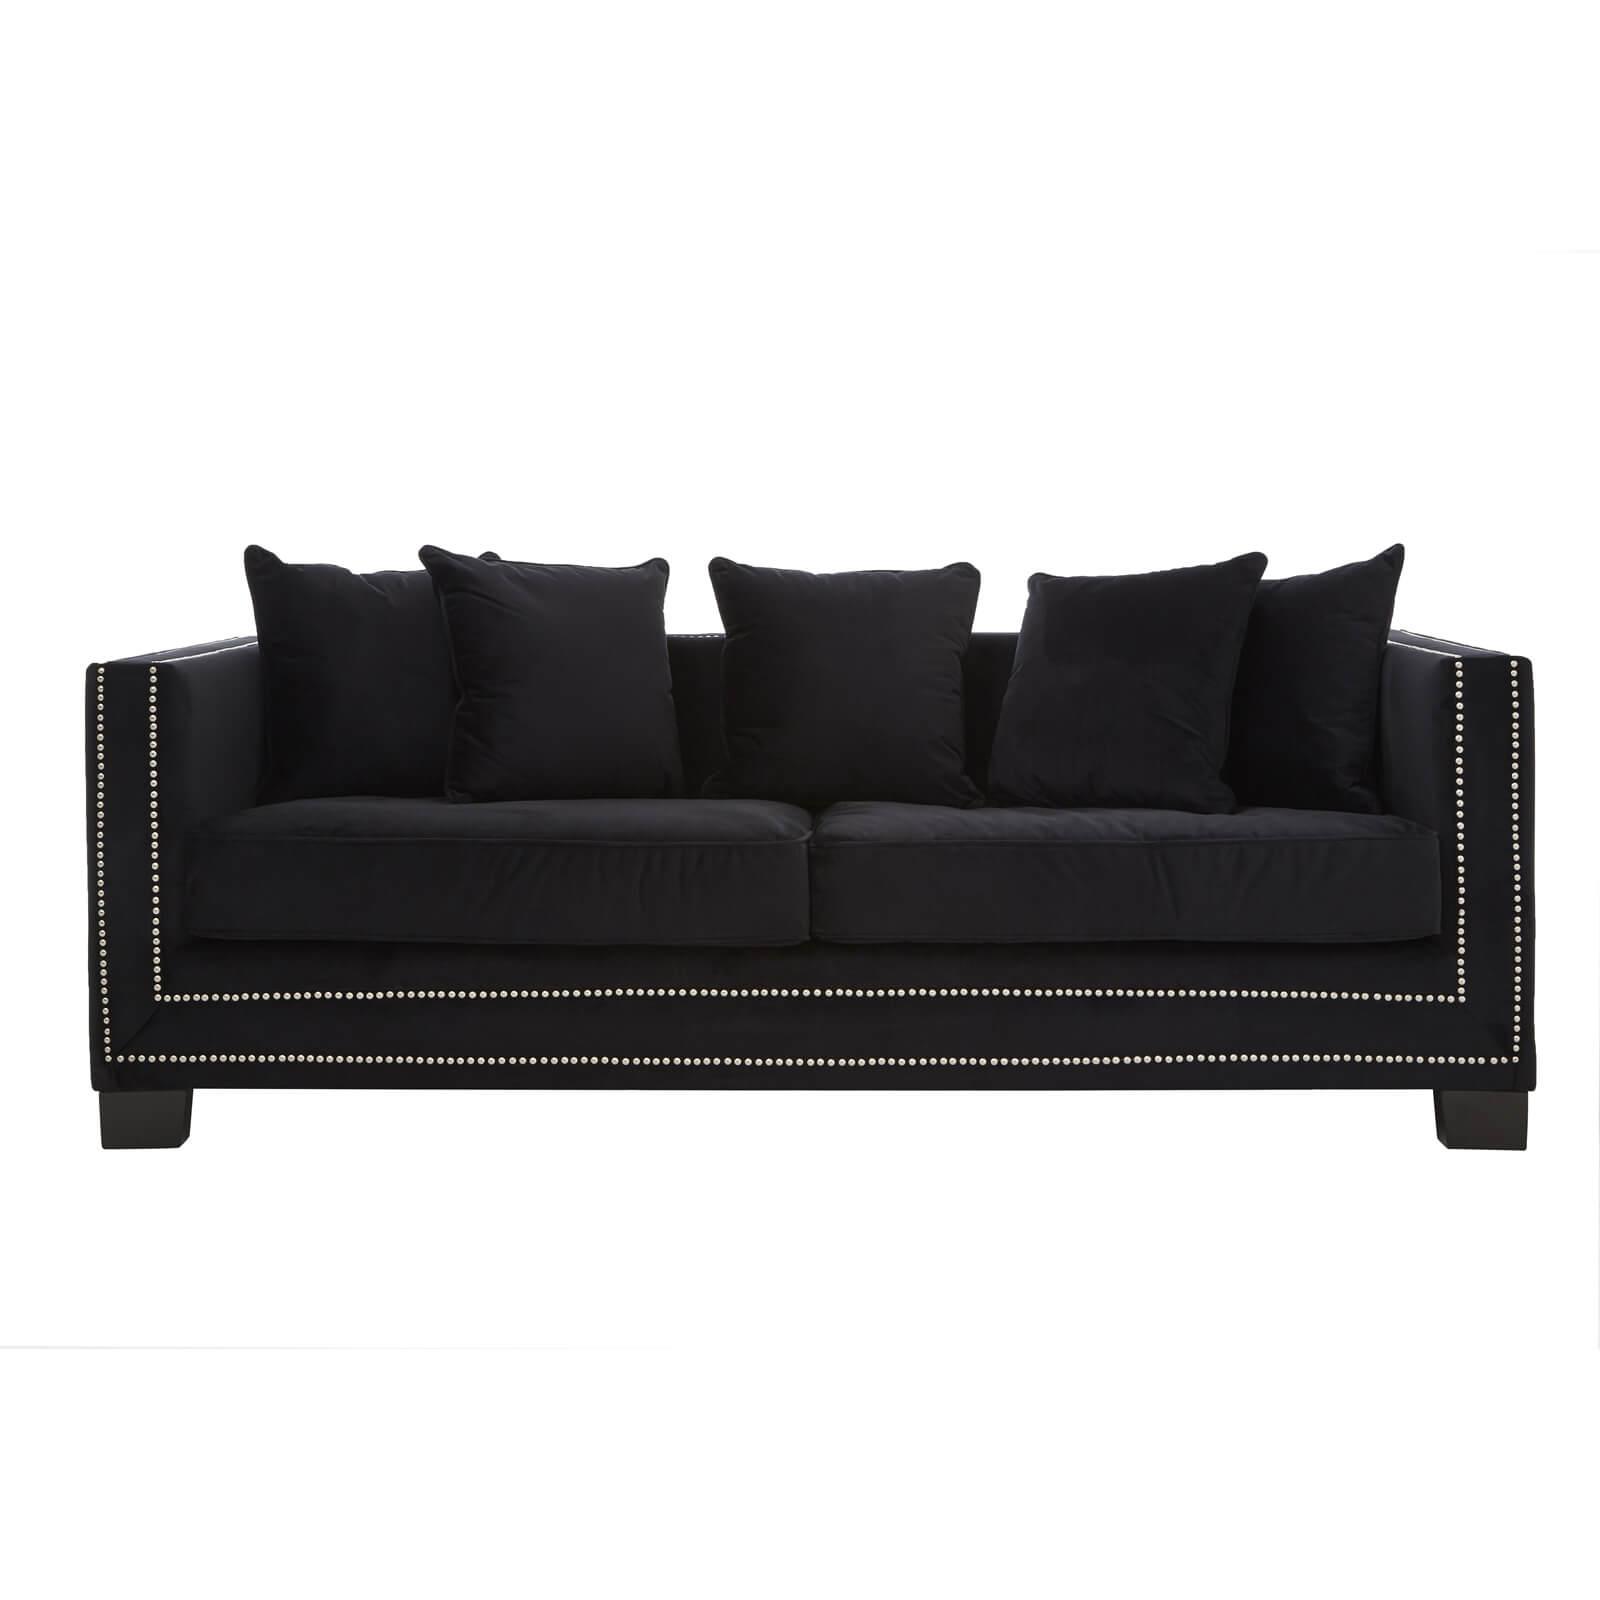 Sofia 3 Seater Velvet Sofa - Black